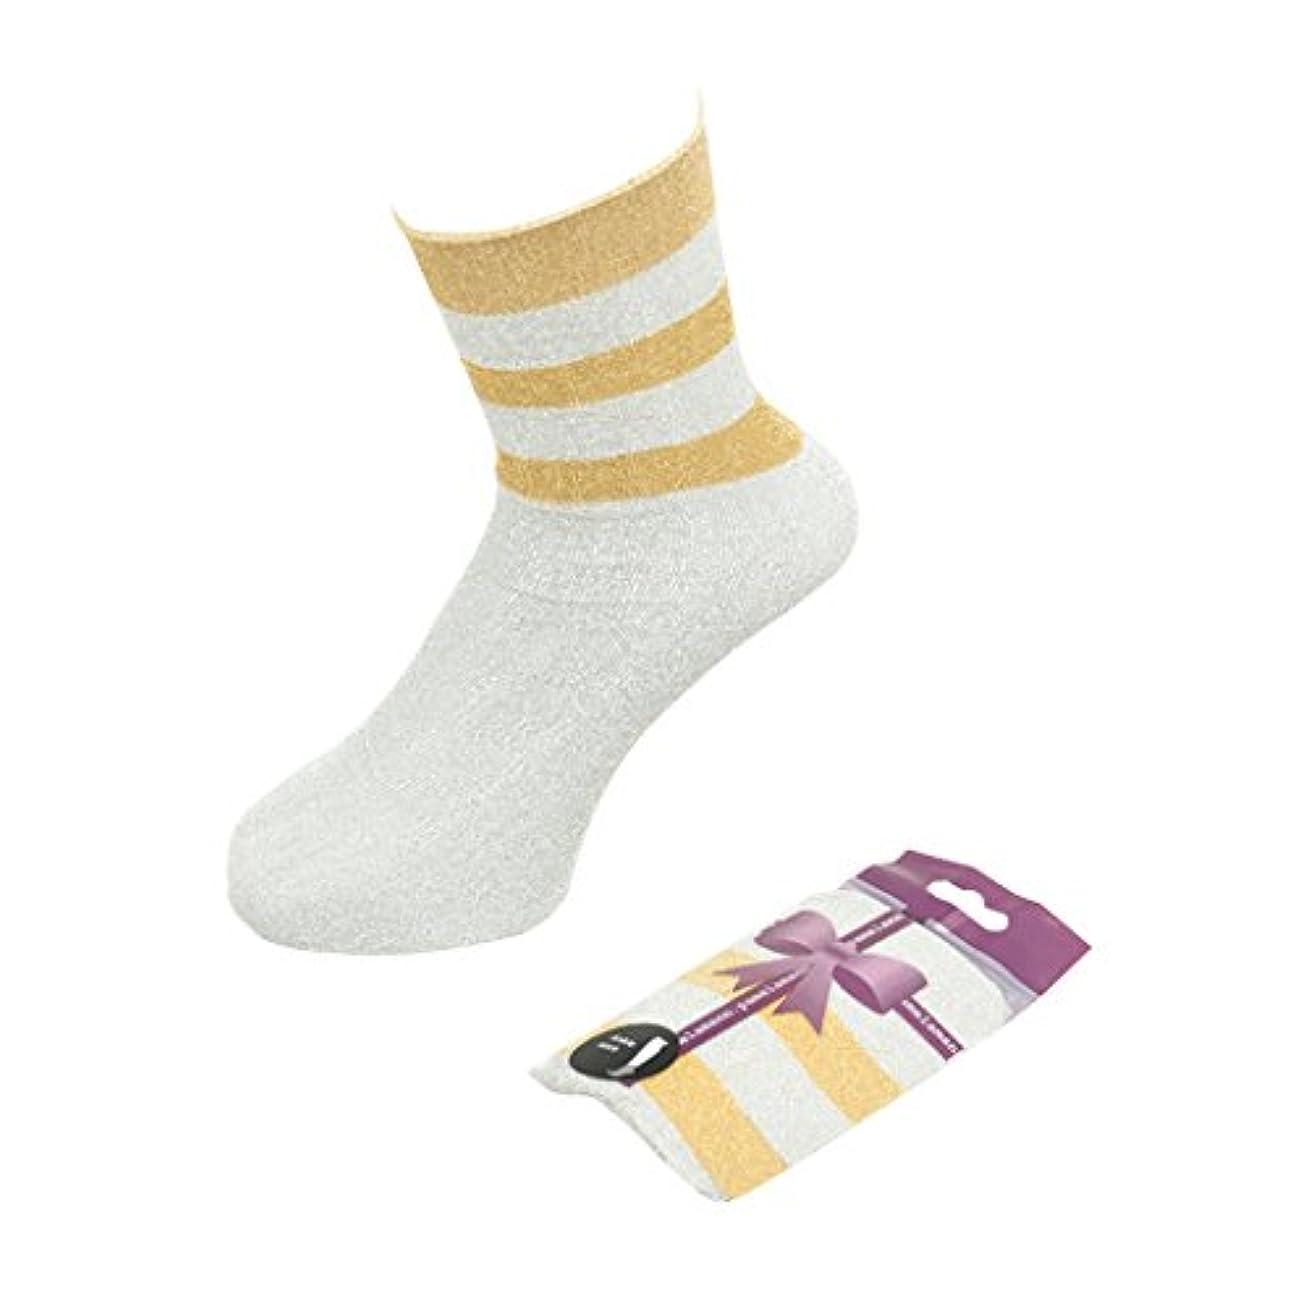 ボードメインまばたき(パメラマン) PamelaMann Ankle Socks[5334400] ワンサイズ 11 Silver Gold